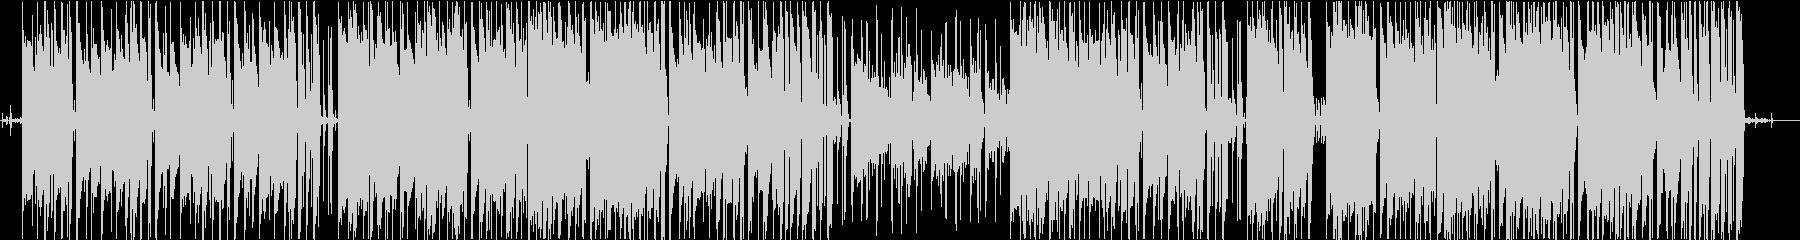 ジャジーなローファイヒップホップの未再生の波形